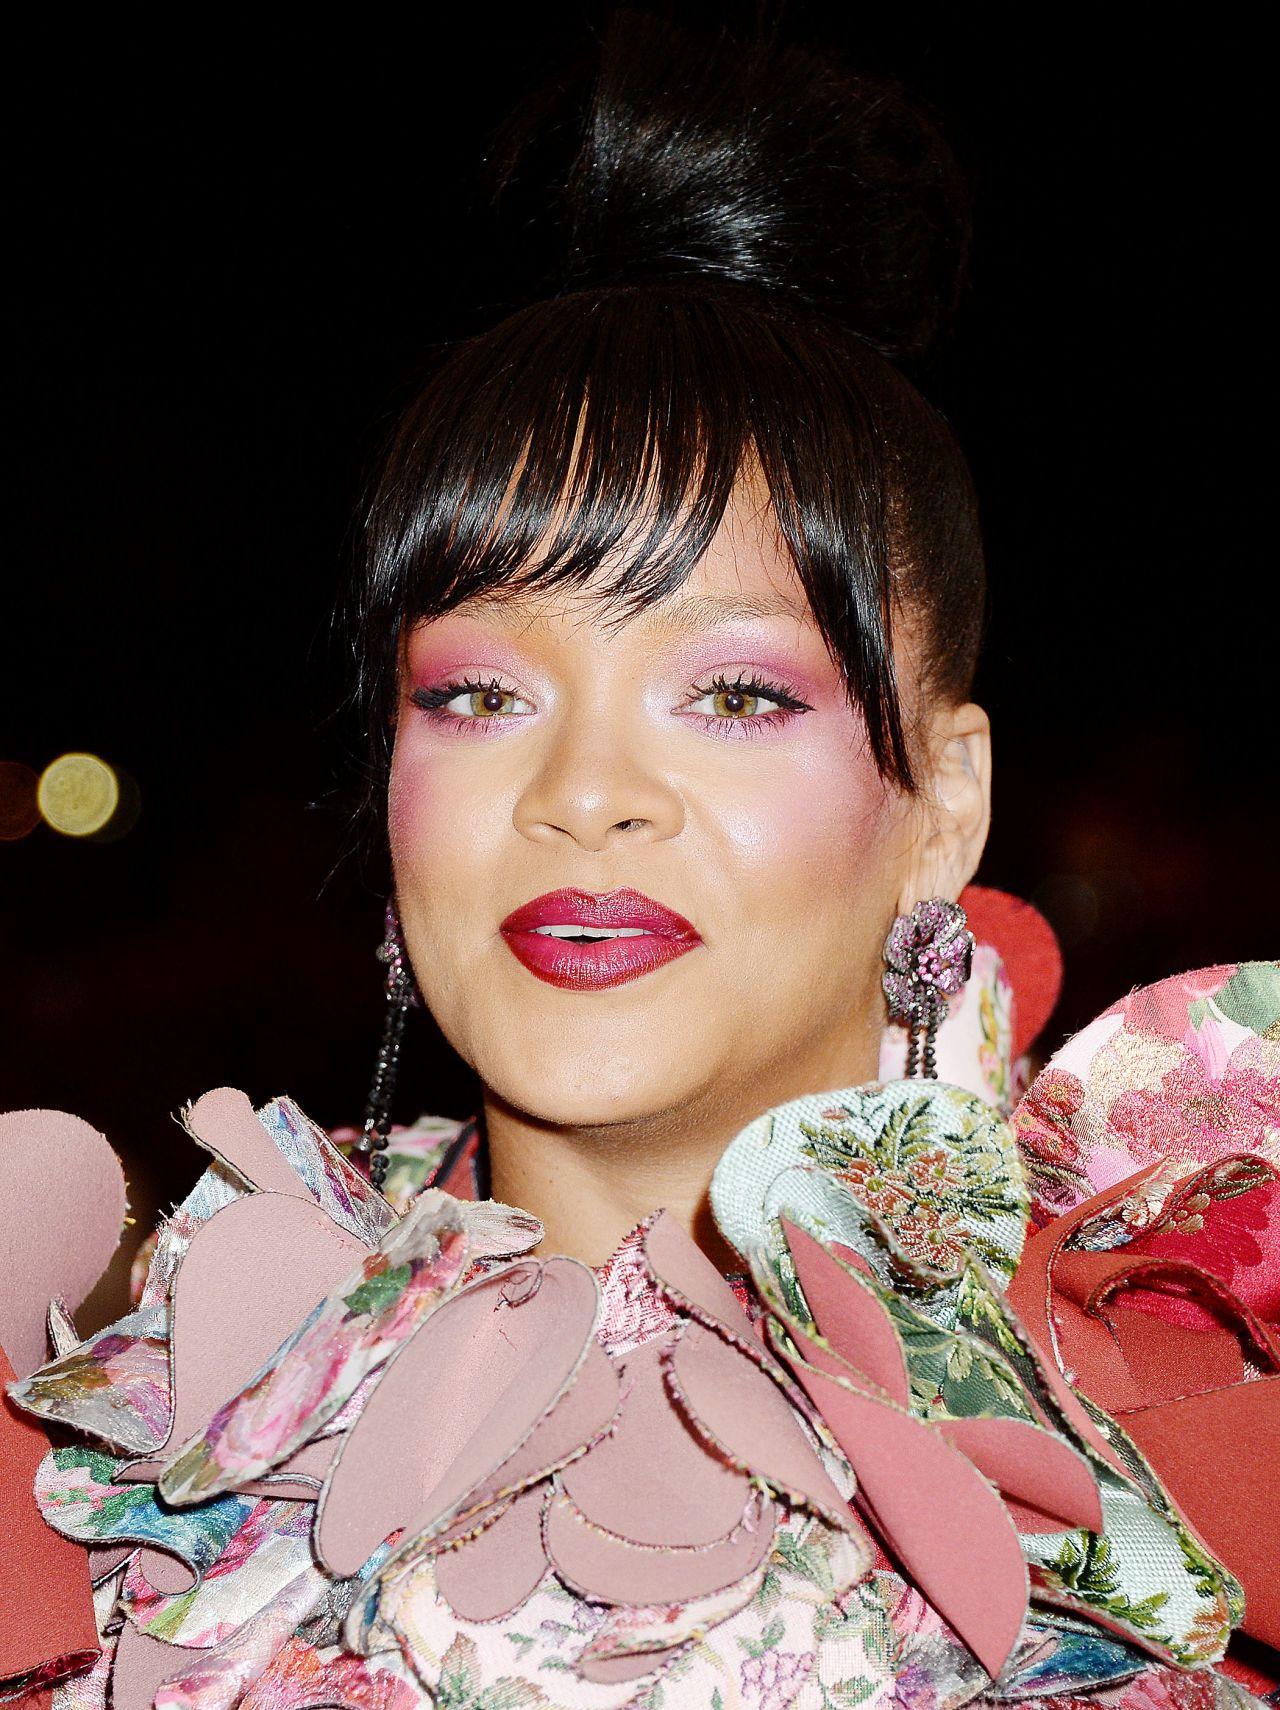 Rihanna at MET Gala in New York 05/01/2017 Rihanna